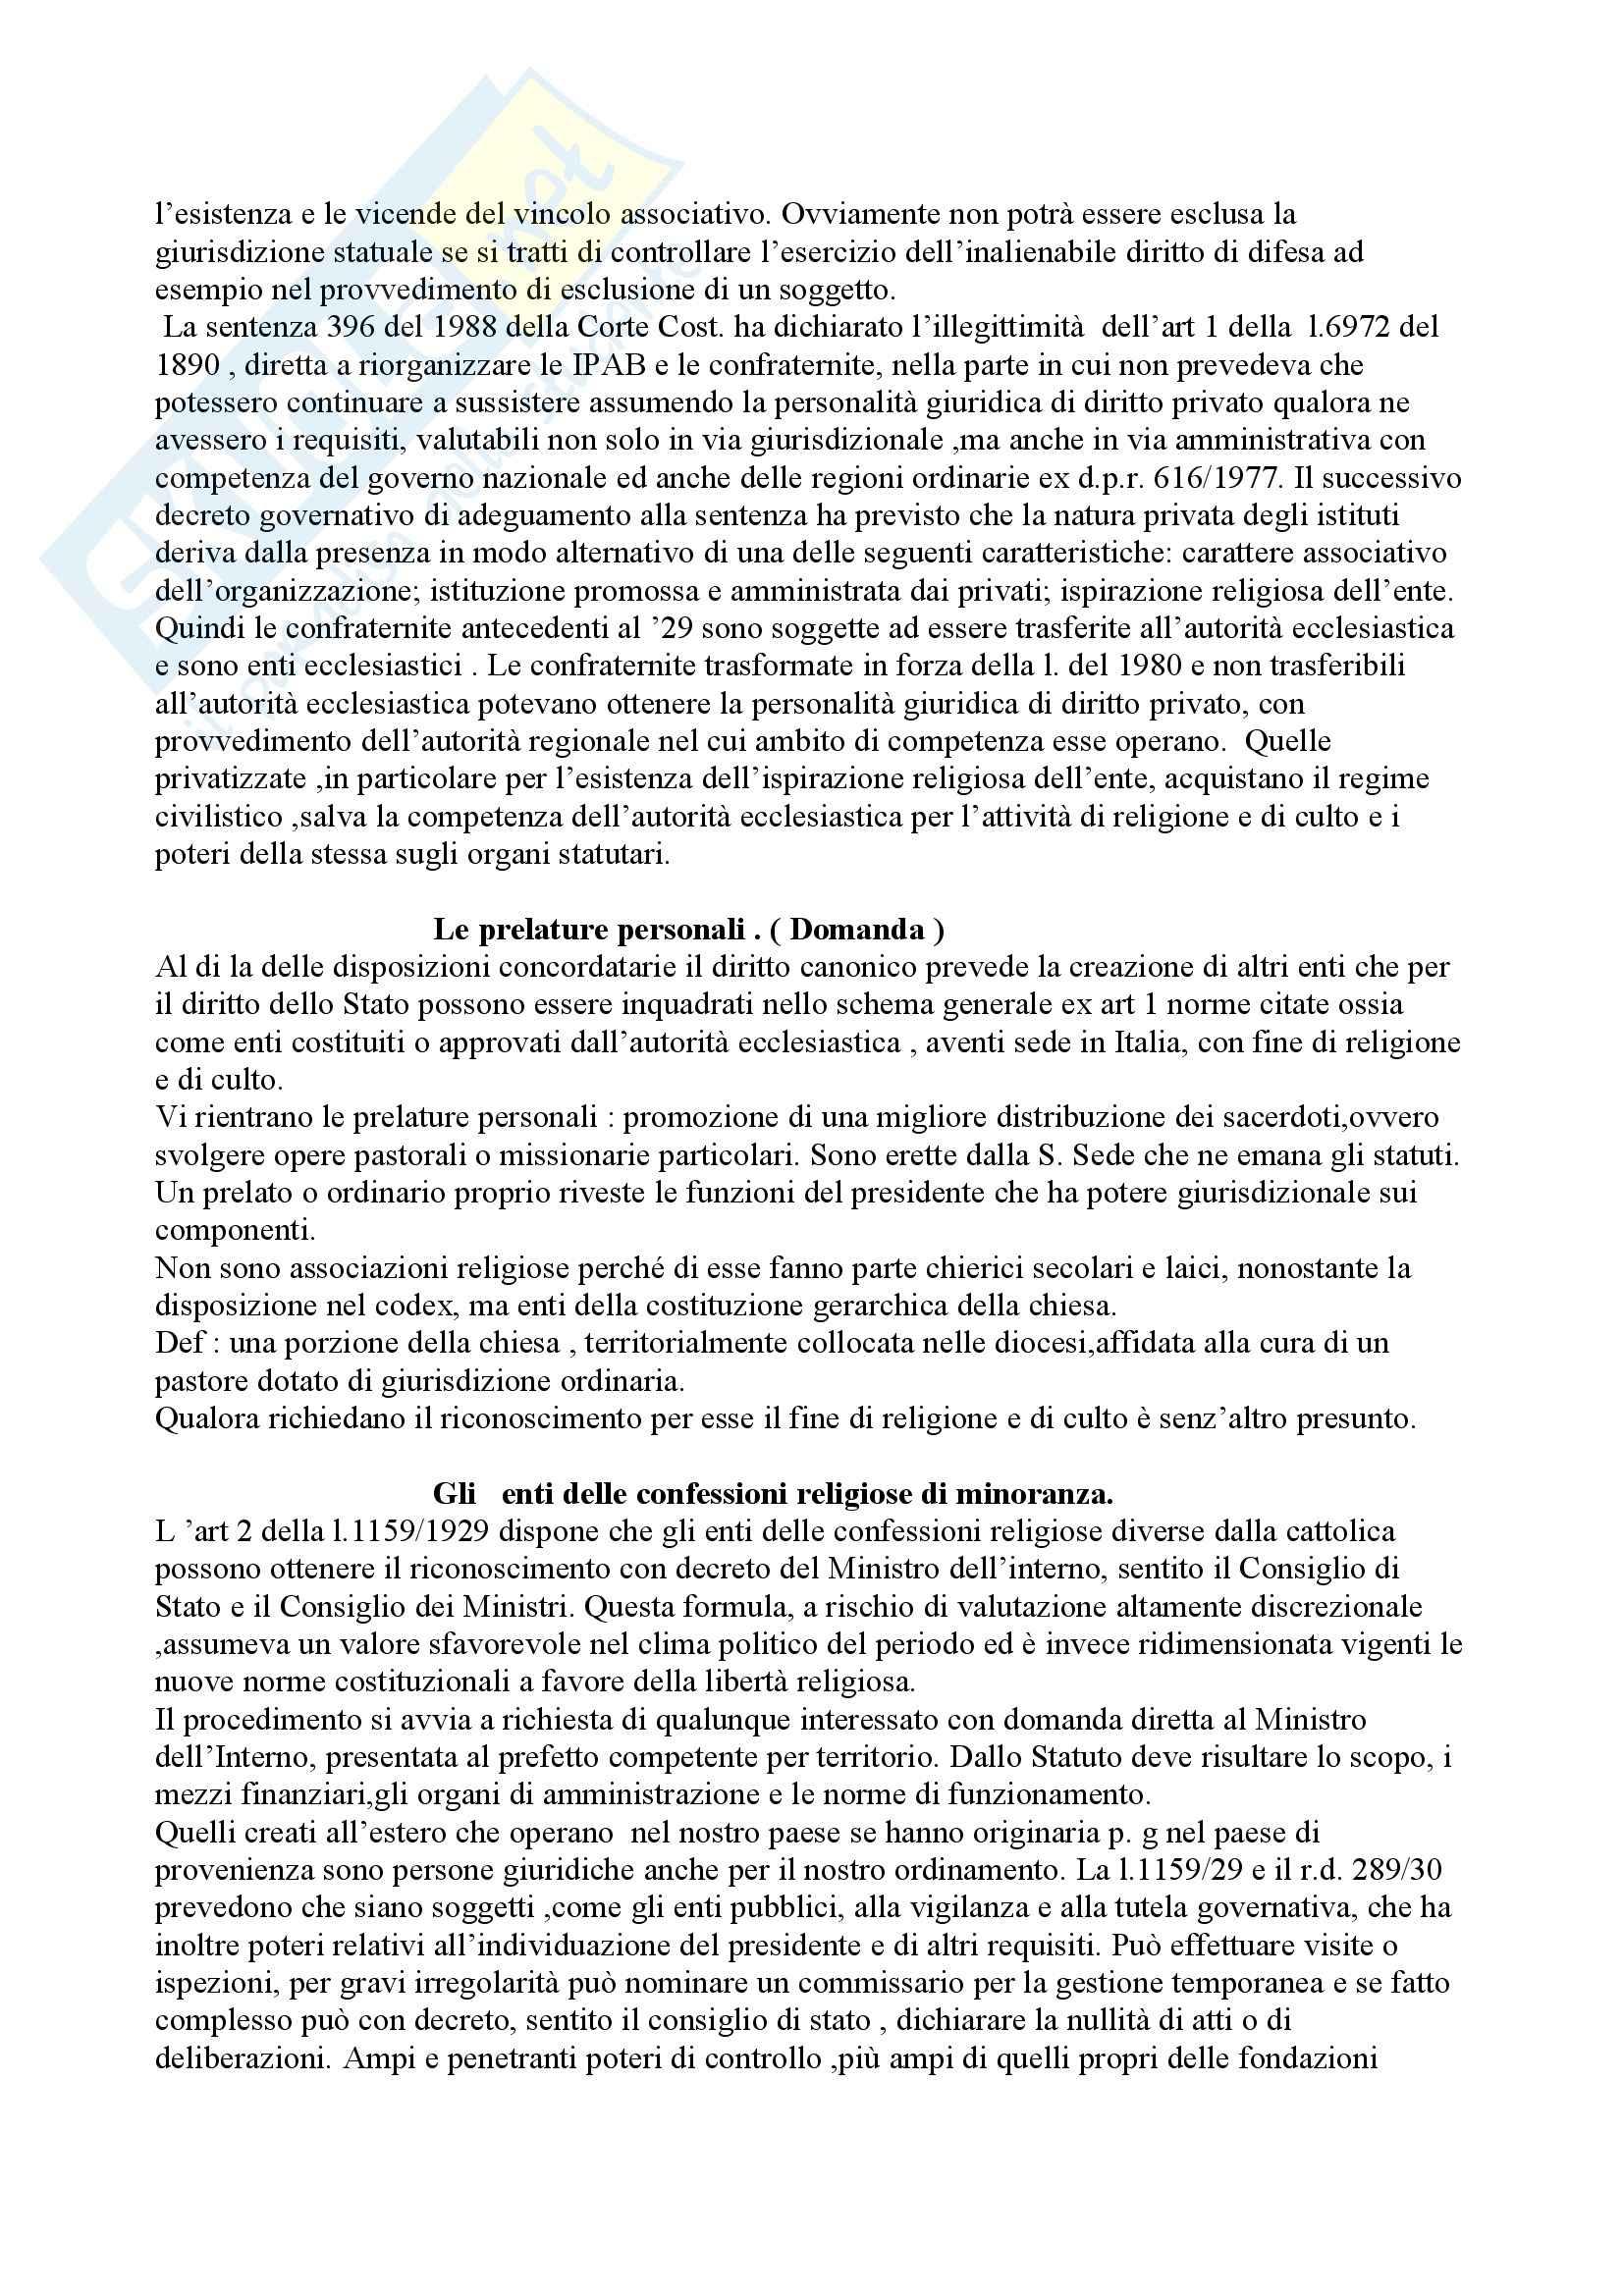 Diritto ecclesiastico - personalità giuridica degli enti confessionali Pag. 11